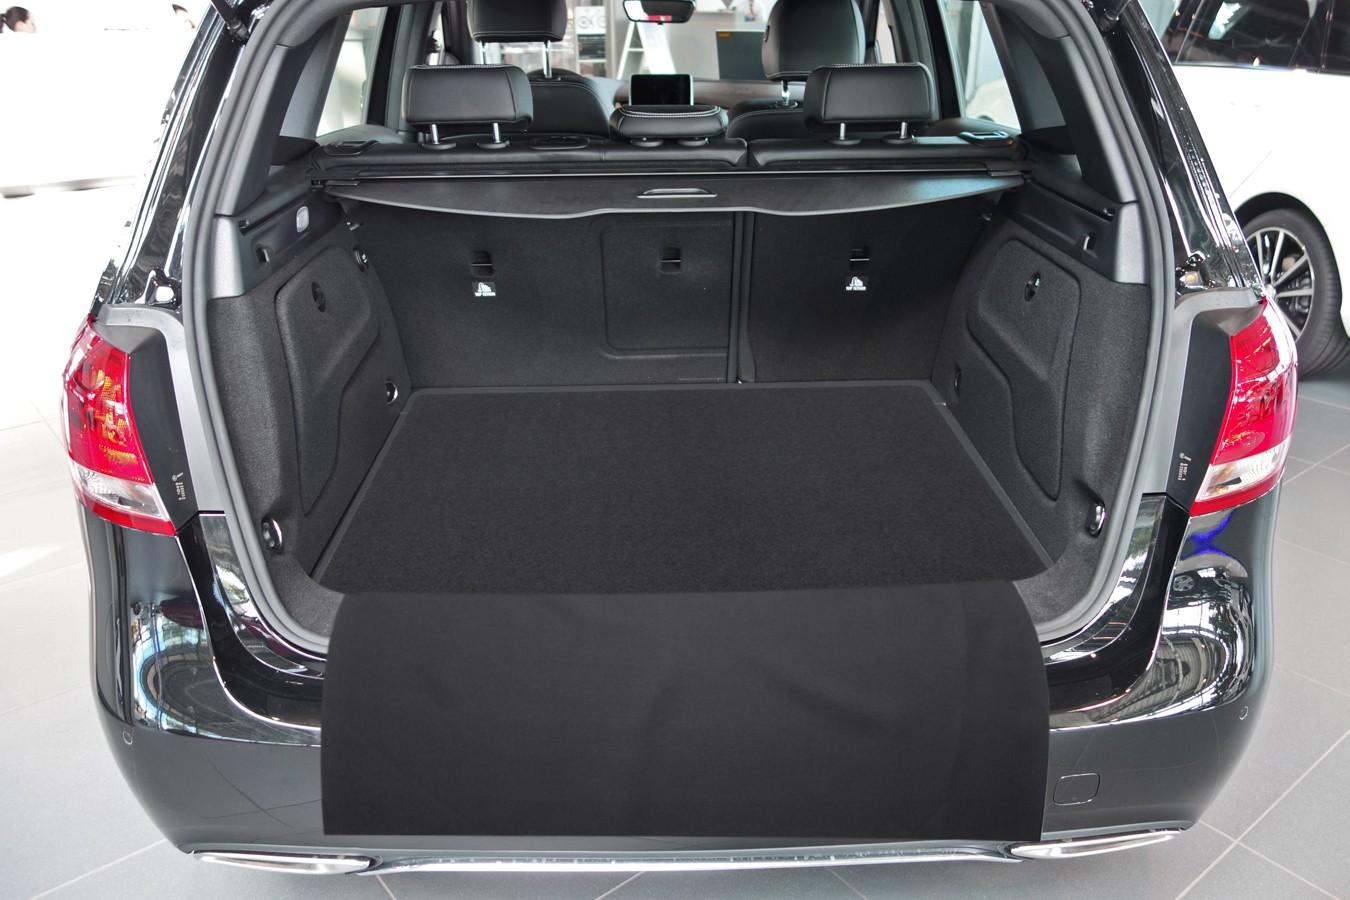 2 sezione mat bagagliaio con protezione paraurti per mercedes b classe w246 boot protettore. Black Bedroom Furniture Sets. Home Design Ideas